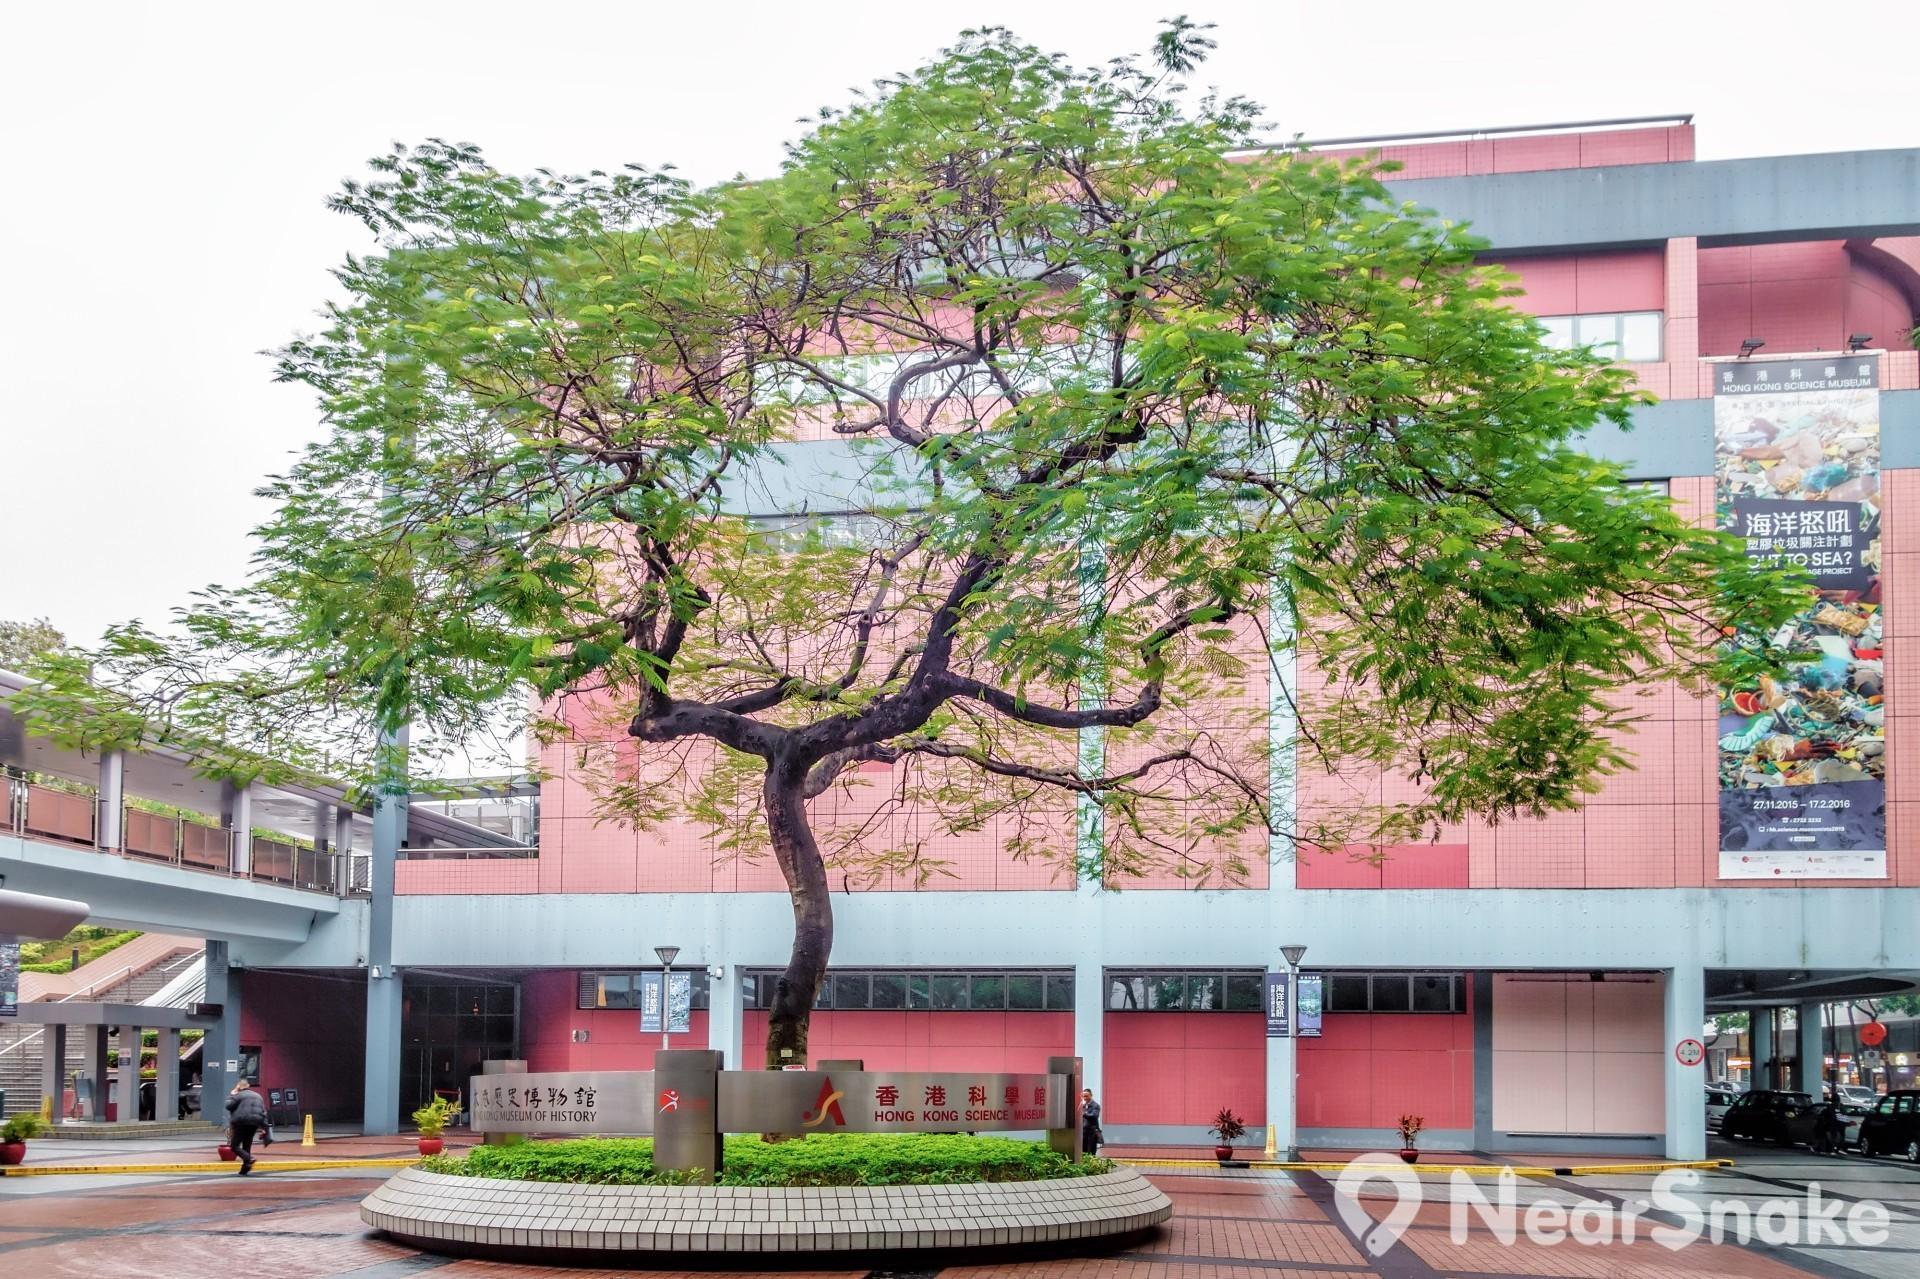 香港歷史博物館與香港科學館相對,當可一天把兩個博物館同遊。